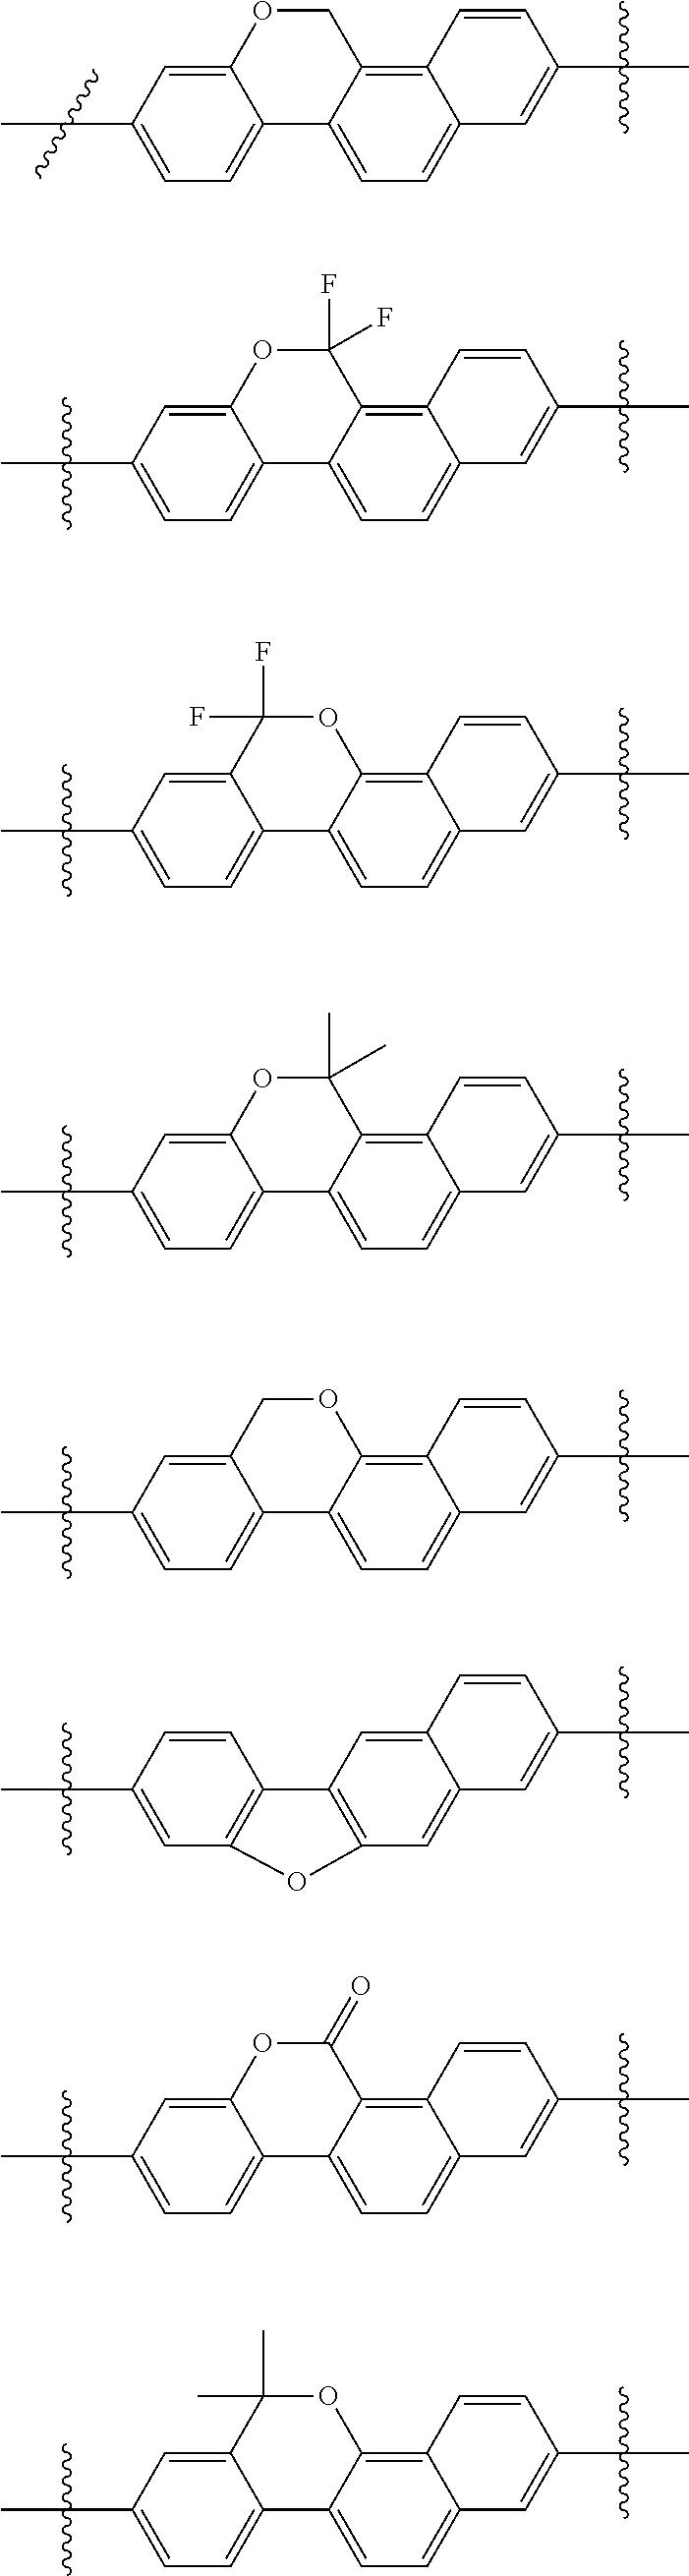 Figure US08841278-20140923-C00207